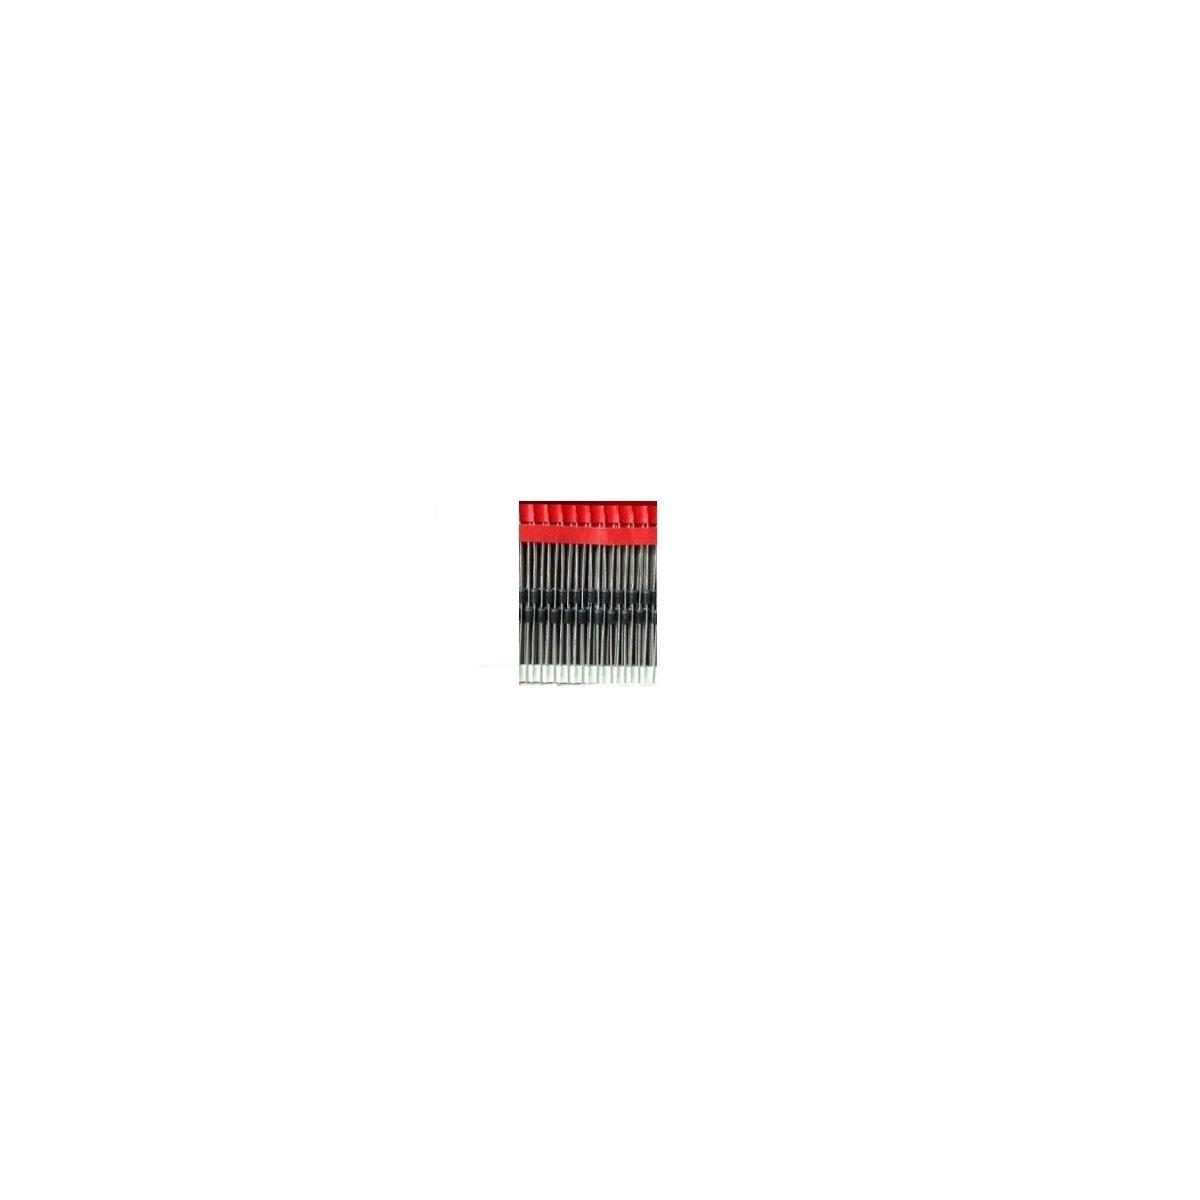 ZENNER 5W-1N 5346 - 9V0